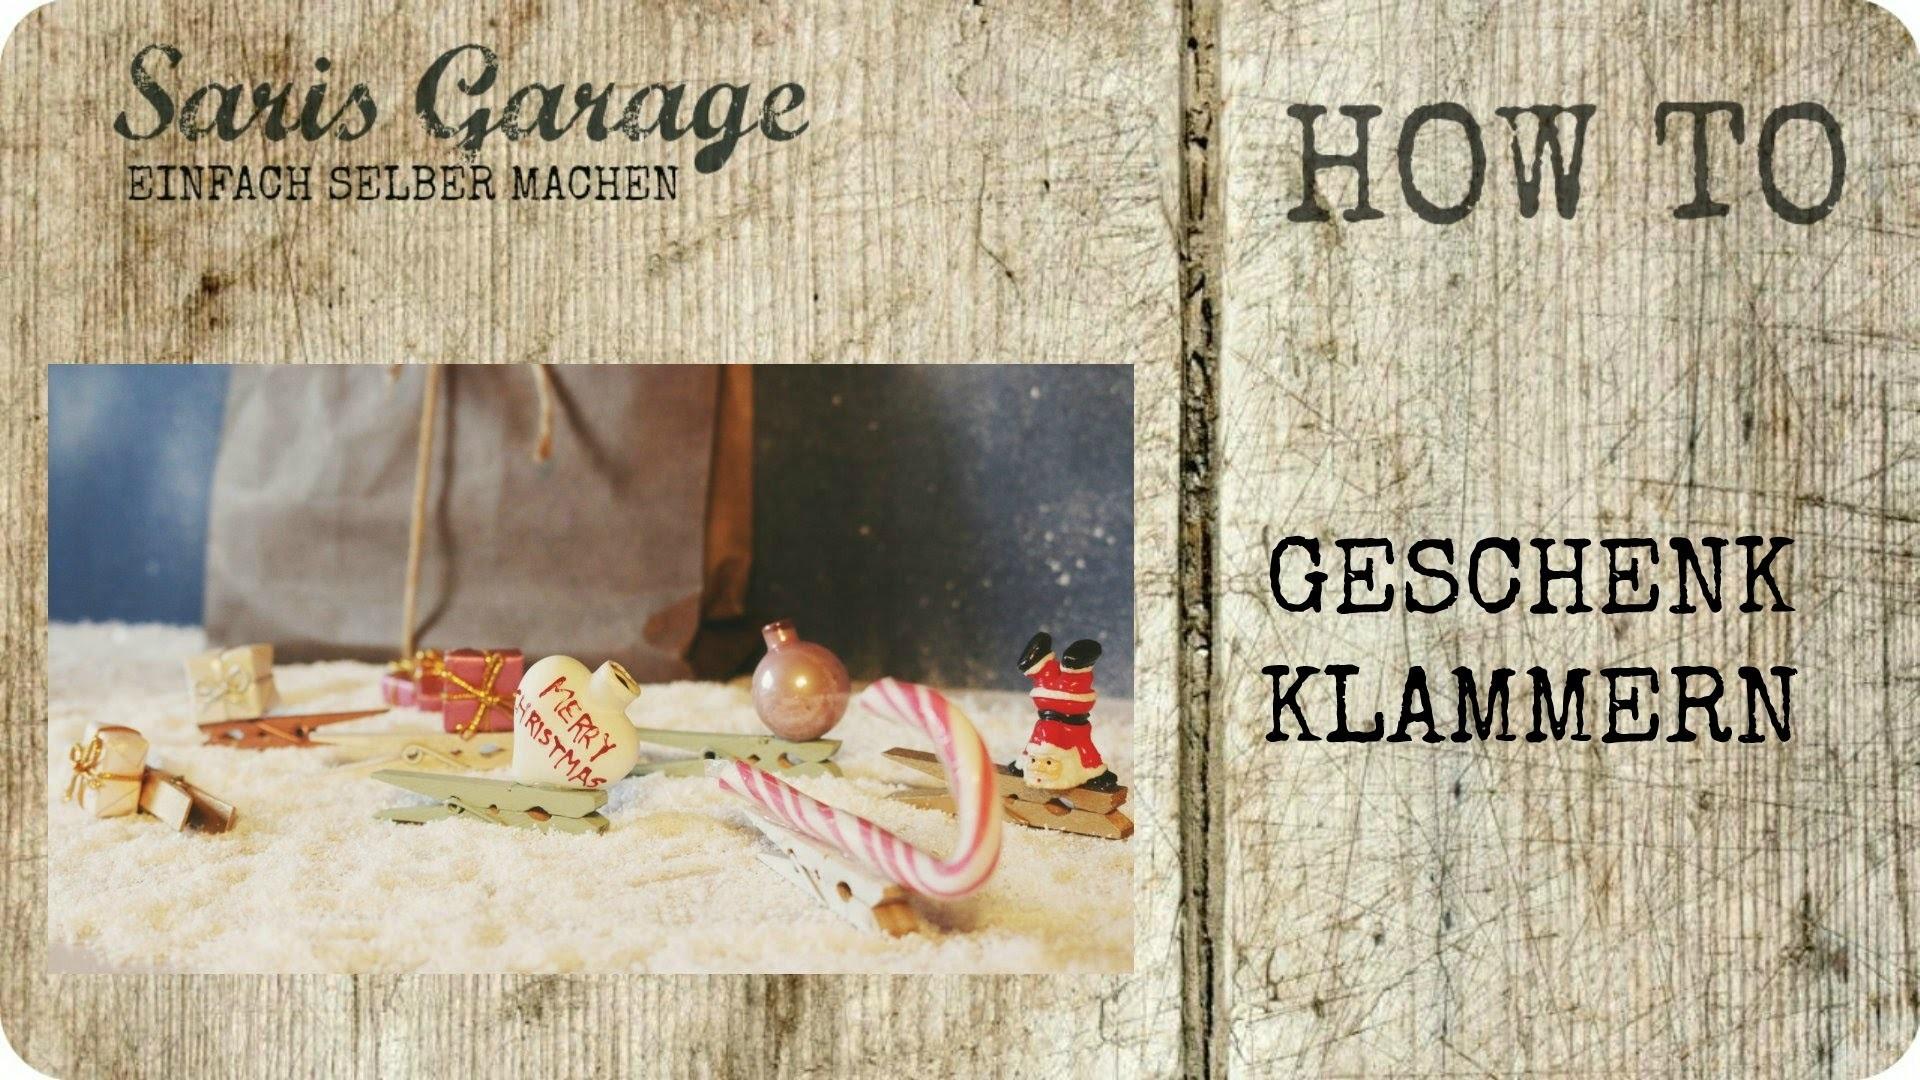 Geschenkklammern | Weihnachten | Deko | DIY | Christmas | How to |  Saris Garage